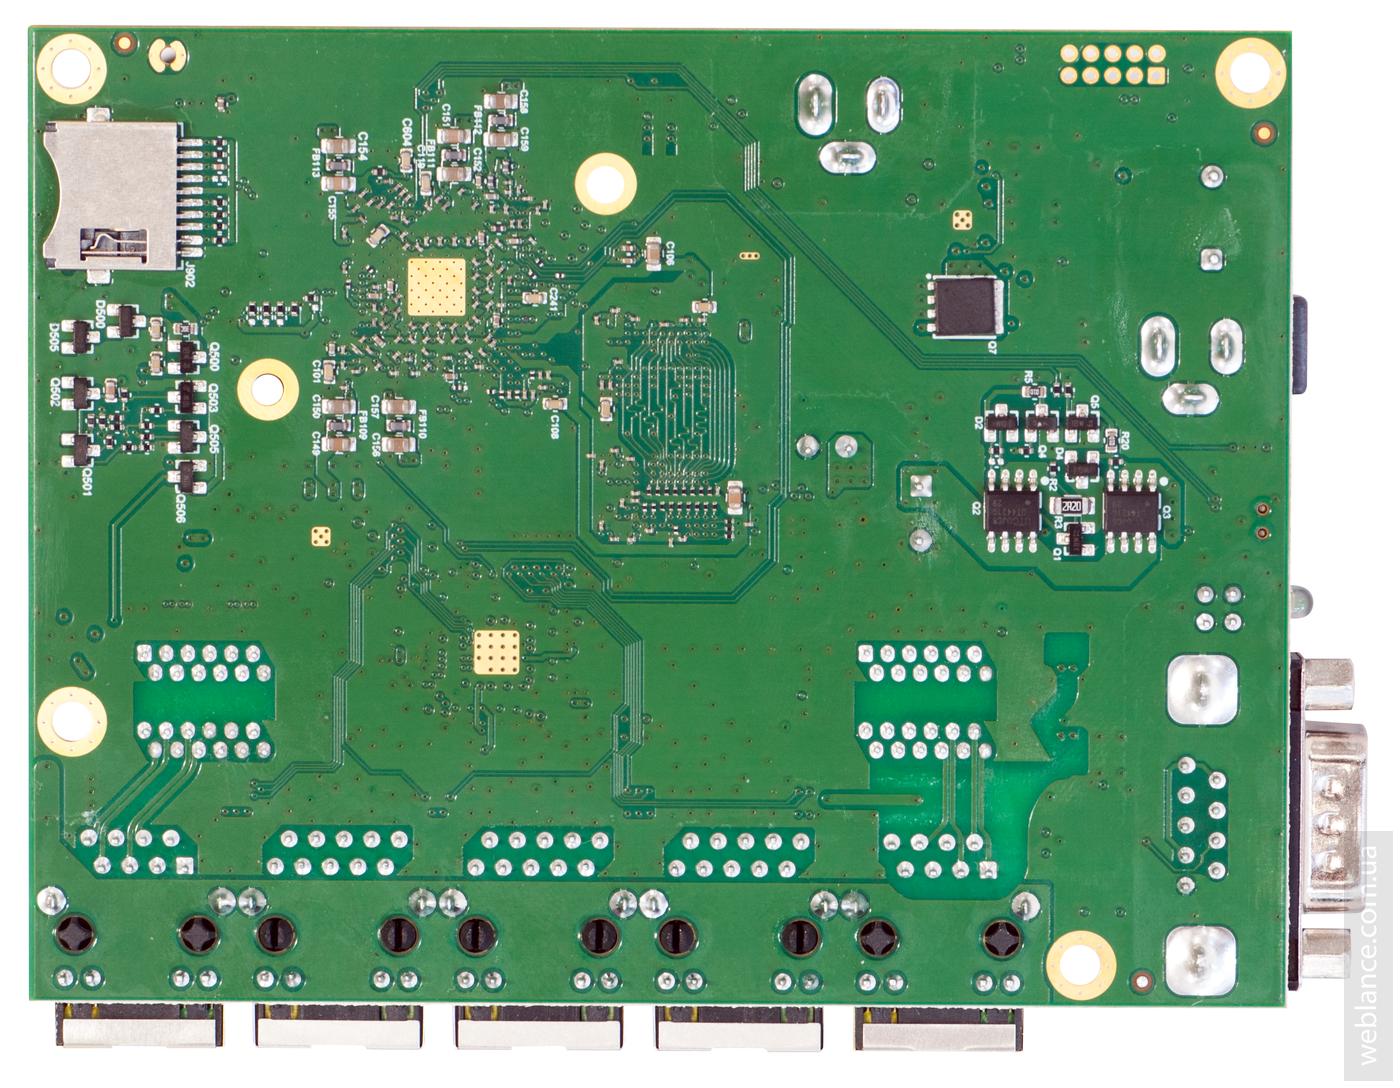 Экспресс-обзор Mikrotik RB450Gx4: замена для RB850Gx2